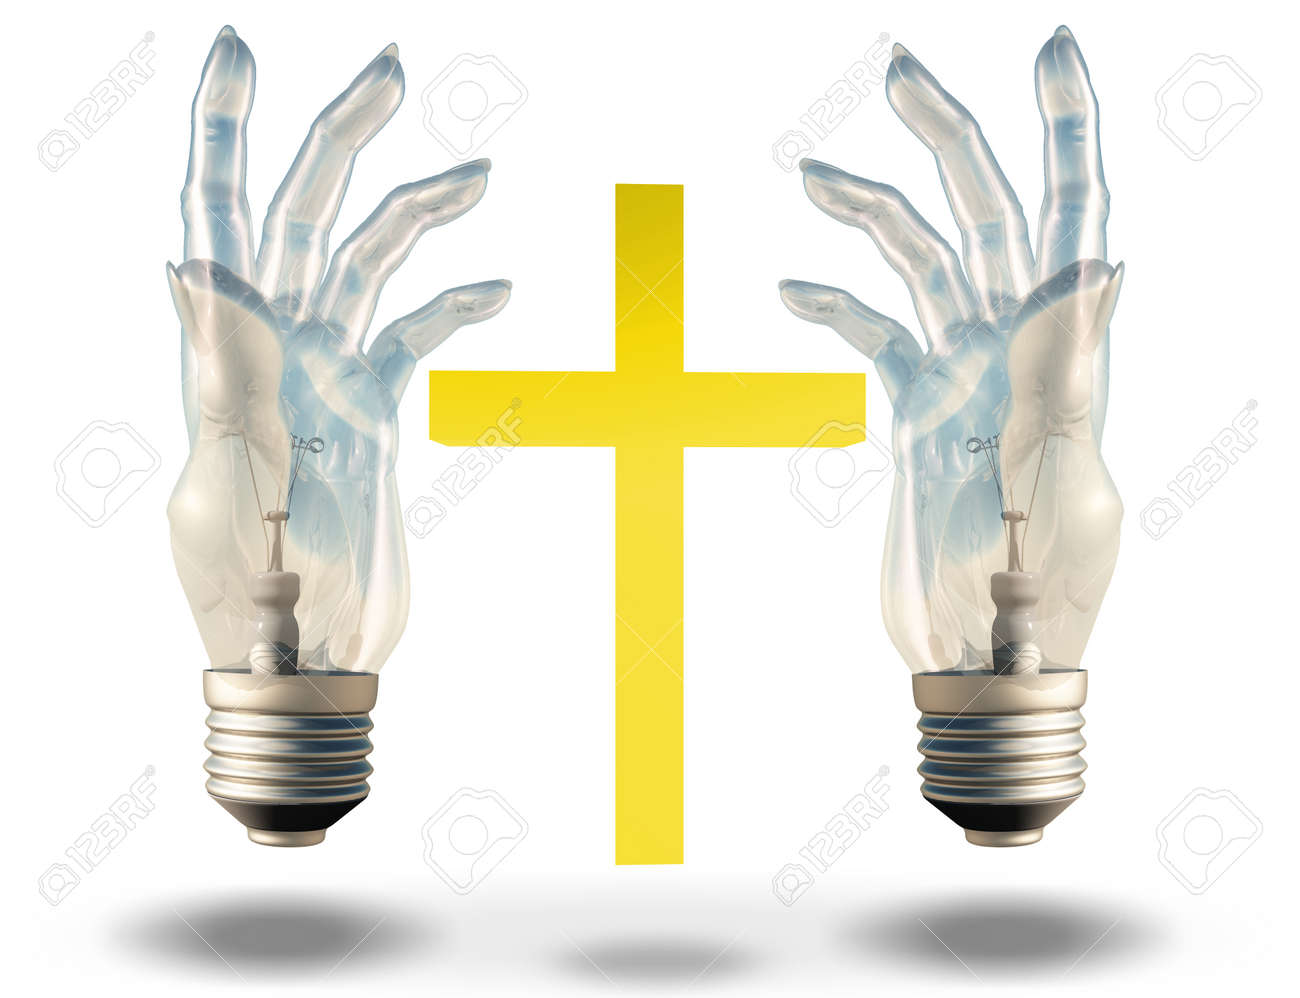 Hand shaped light bulbs frame a cross stock photo picture and hand shaped light bulbs frame a cross stock photo 25486710 jeuxipadfo Images